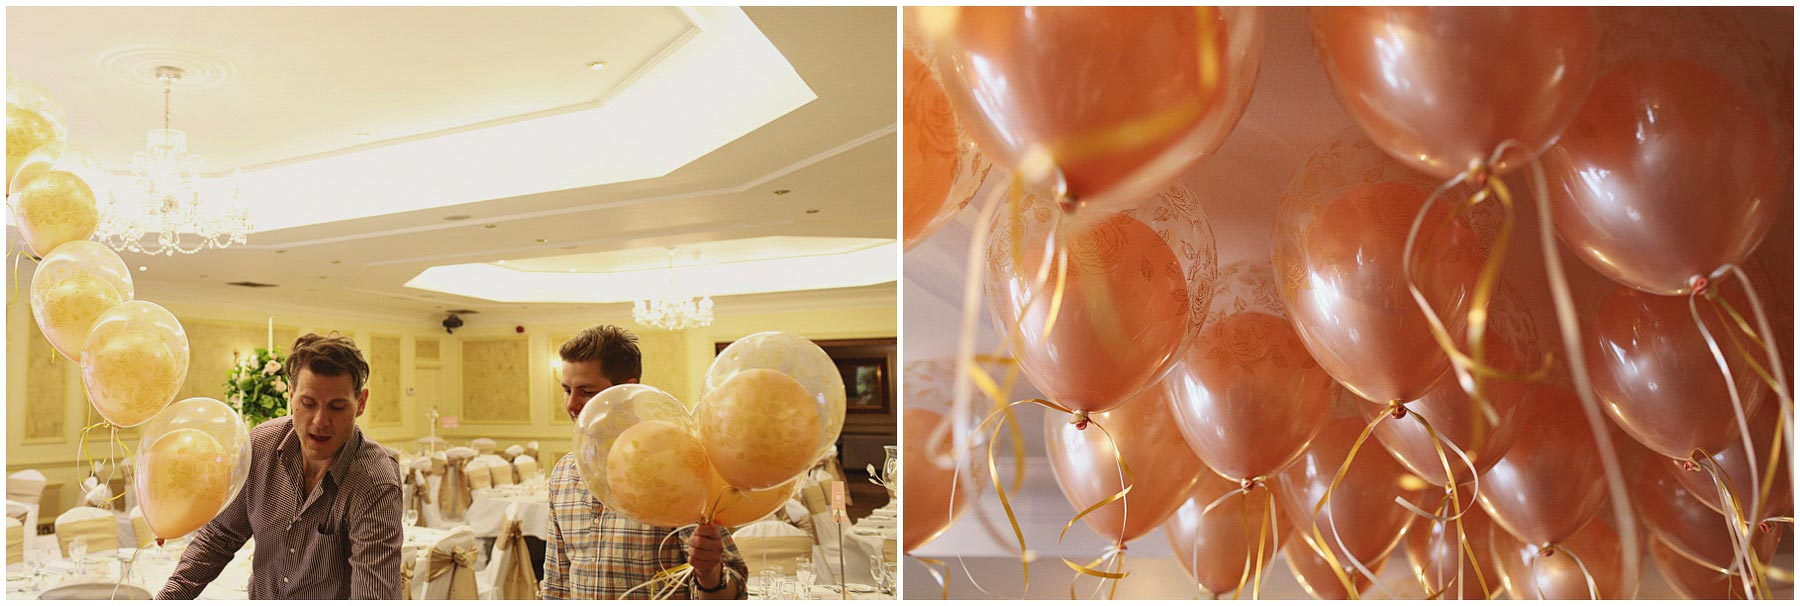 Wentbridge-House-Wedding-Photography-12